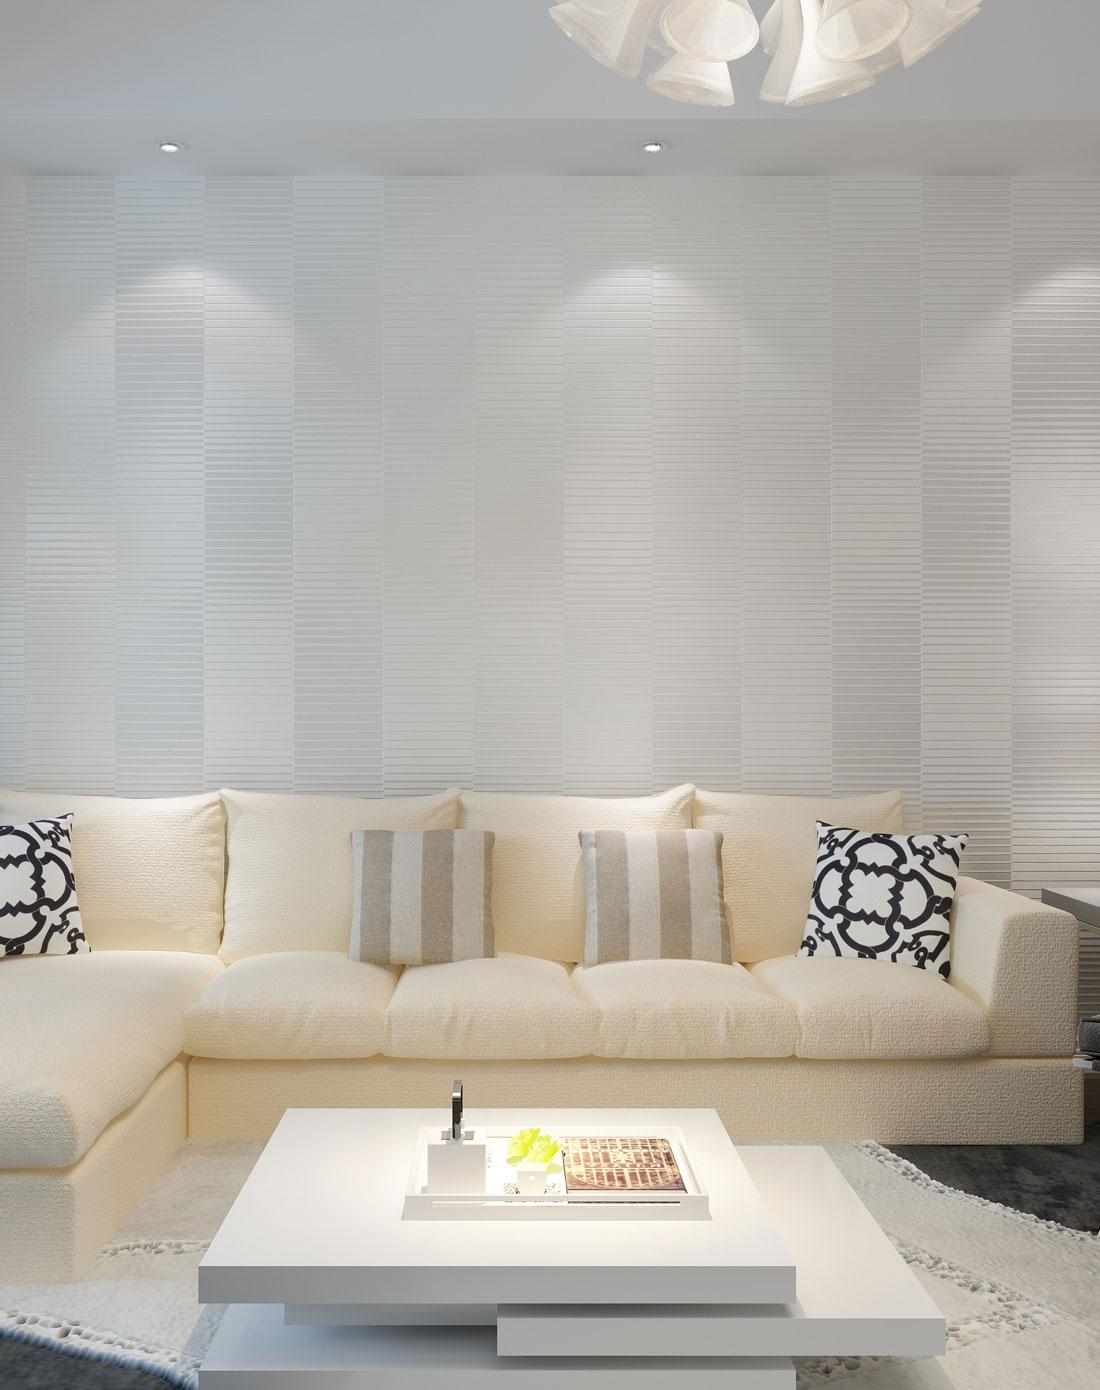 现代简约无纺布房间墙纸 卧室客厅电视背景装修壁纸